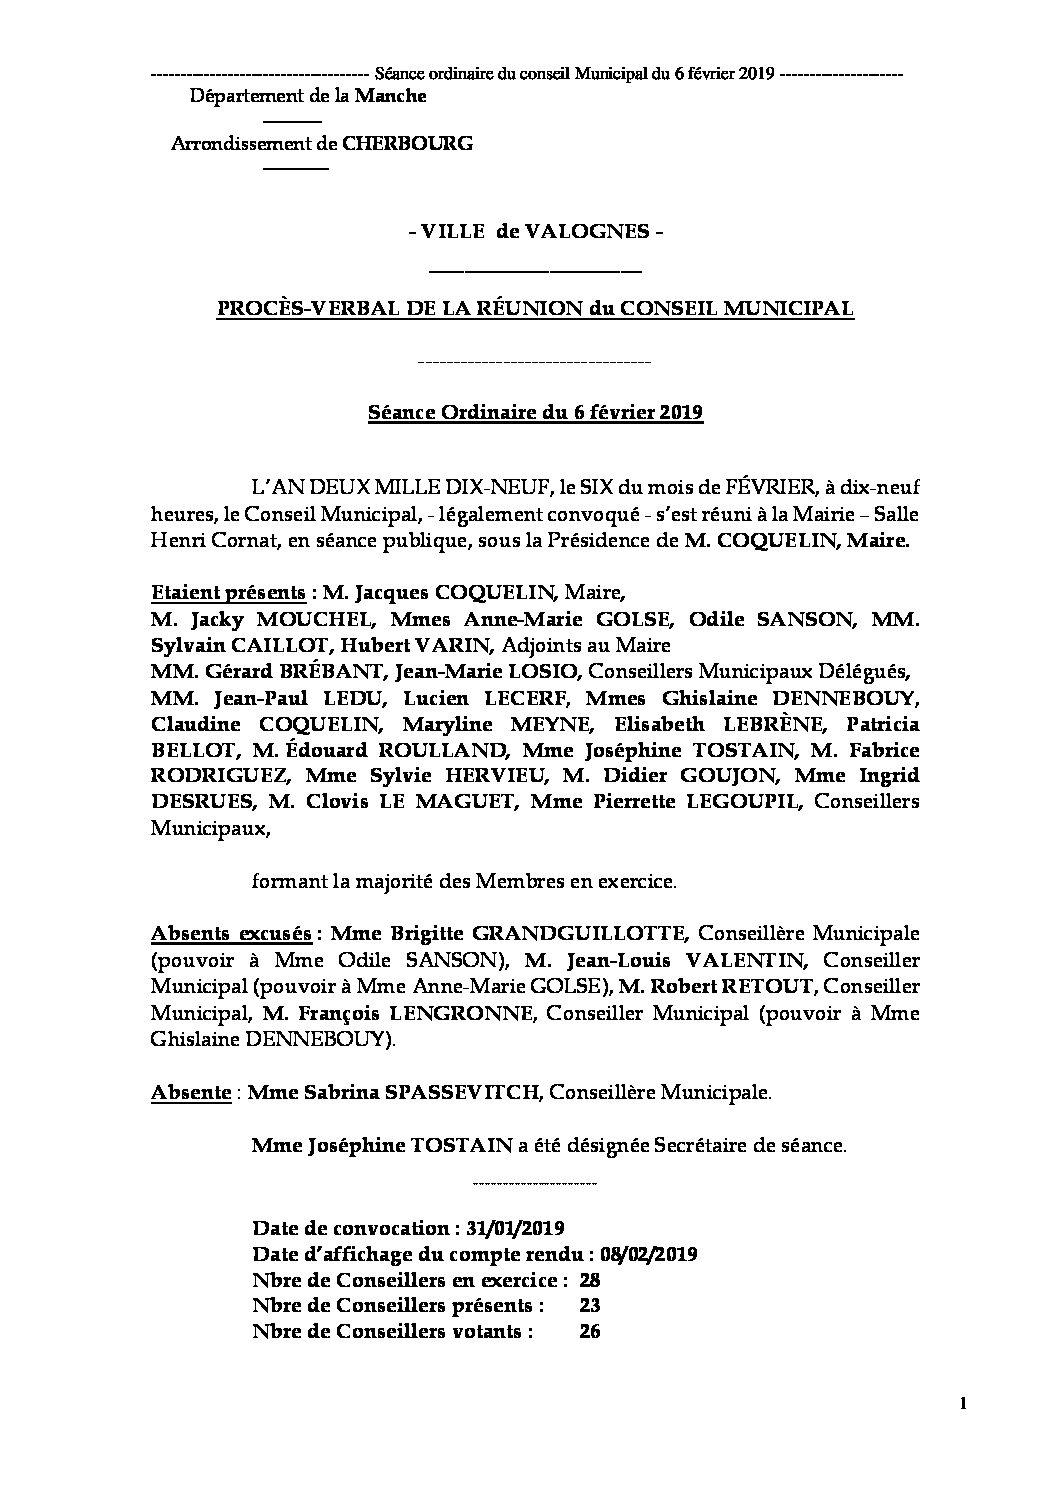 Procès-verbal de la séance du 6 février 2019 - Procès-verbal de la réunion du Conseil Municipal du 6 février 2019, approuvé à l